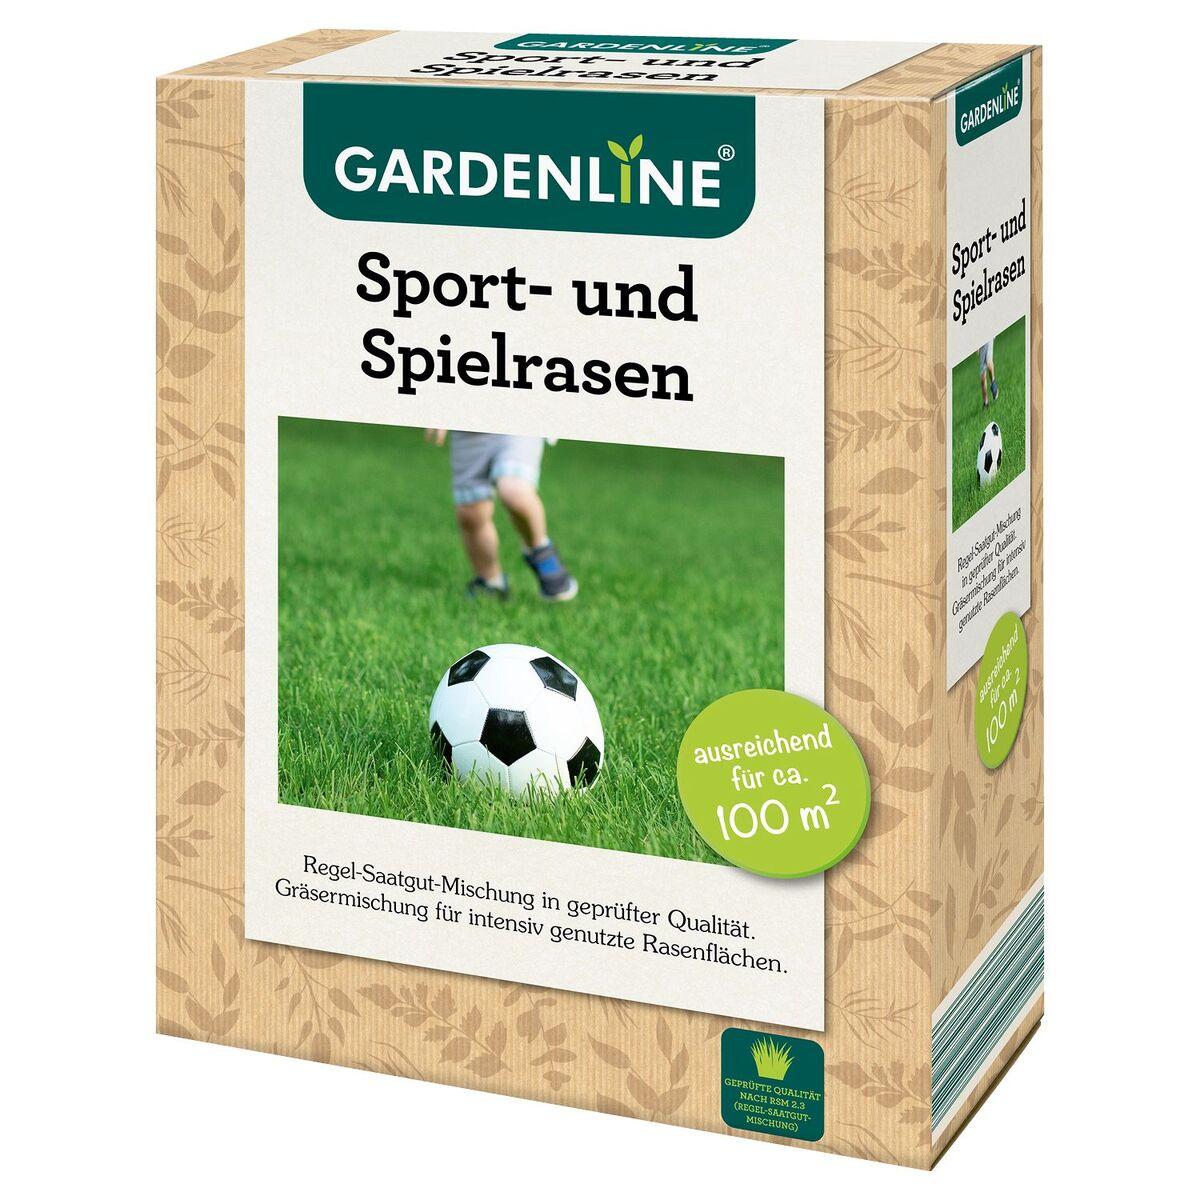 Bild 2 von GARDENLINE®  Sport- und Spielrasen